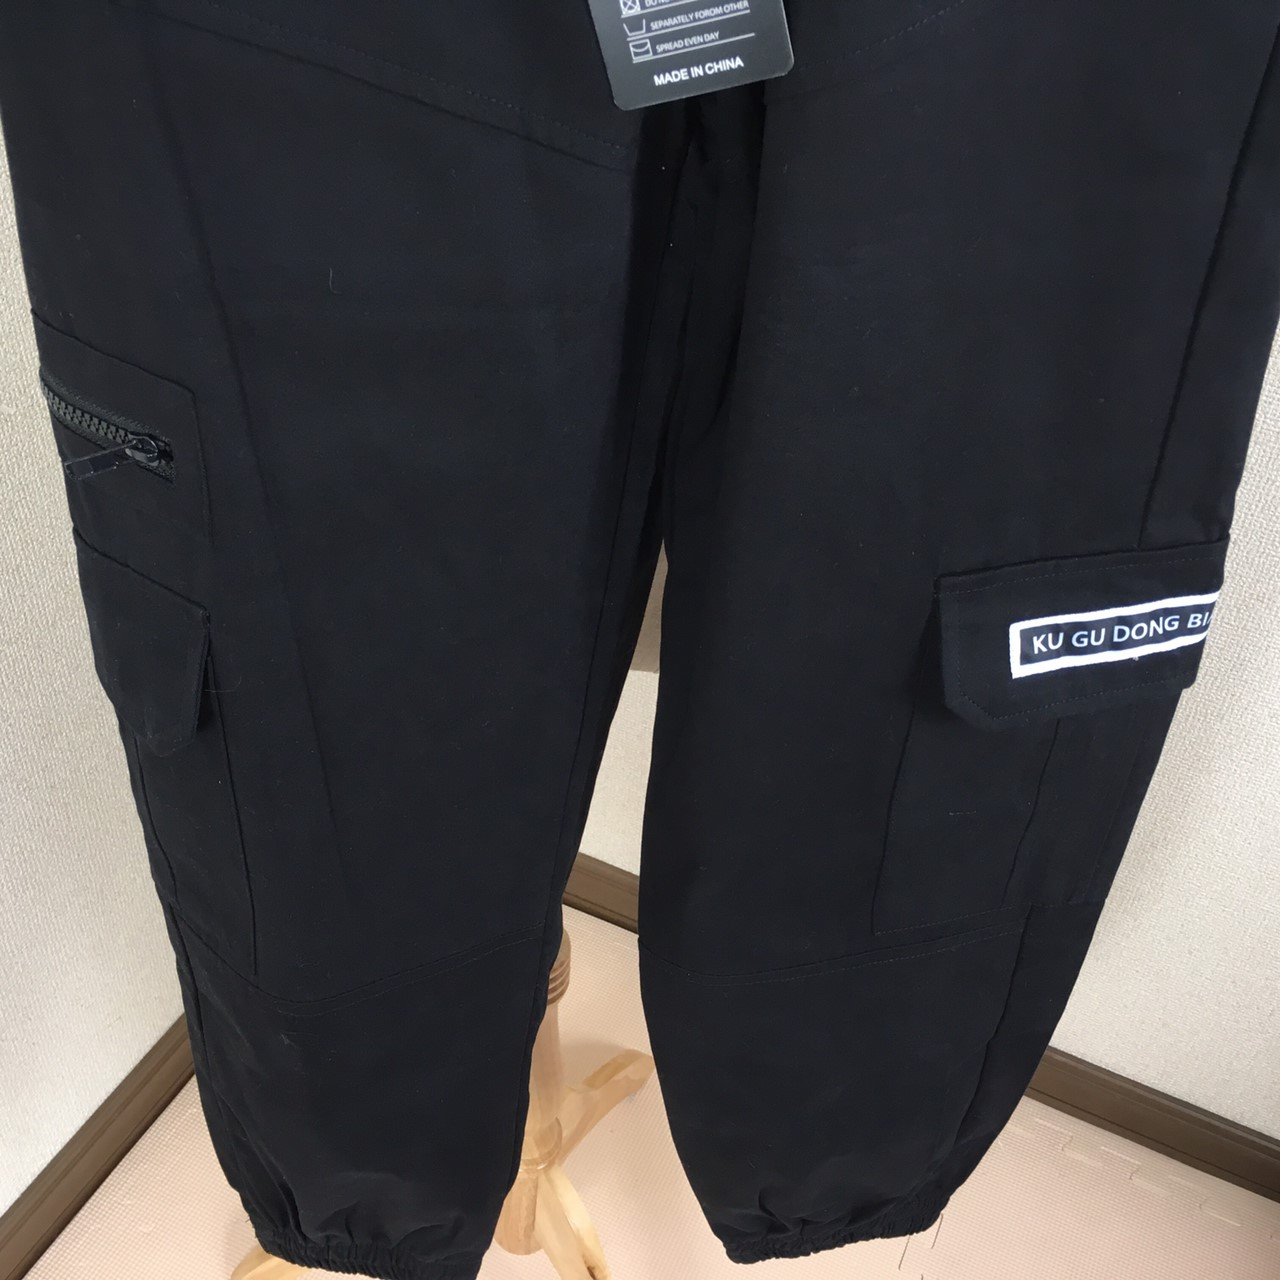 【即納】韓国 ファッション パンツ ボトムス 秋 夏 春 カジュアル SPTXE508  ワイド リブ カーゴ ジョガー イージー ストリート スポーティ オルチャン シンプル 定番 セレカジの写真20枚目